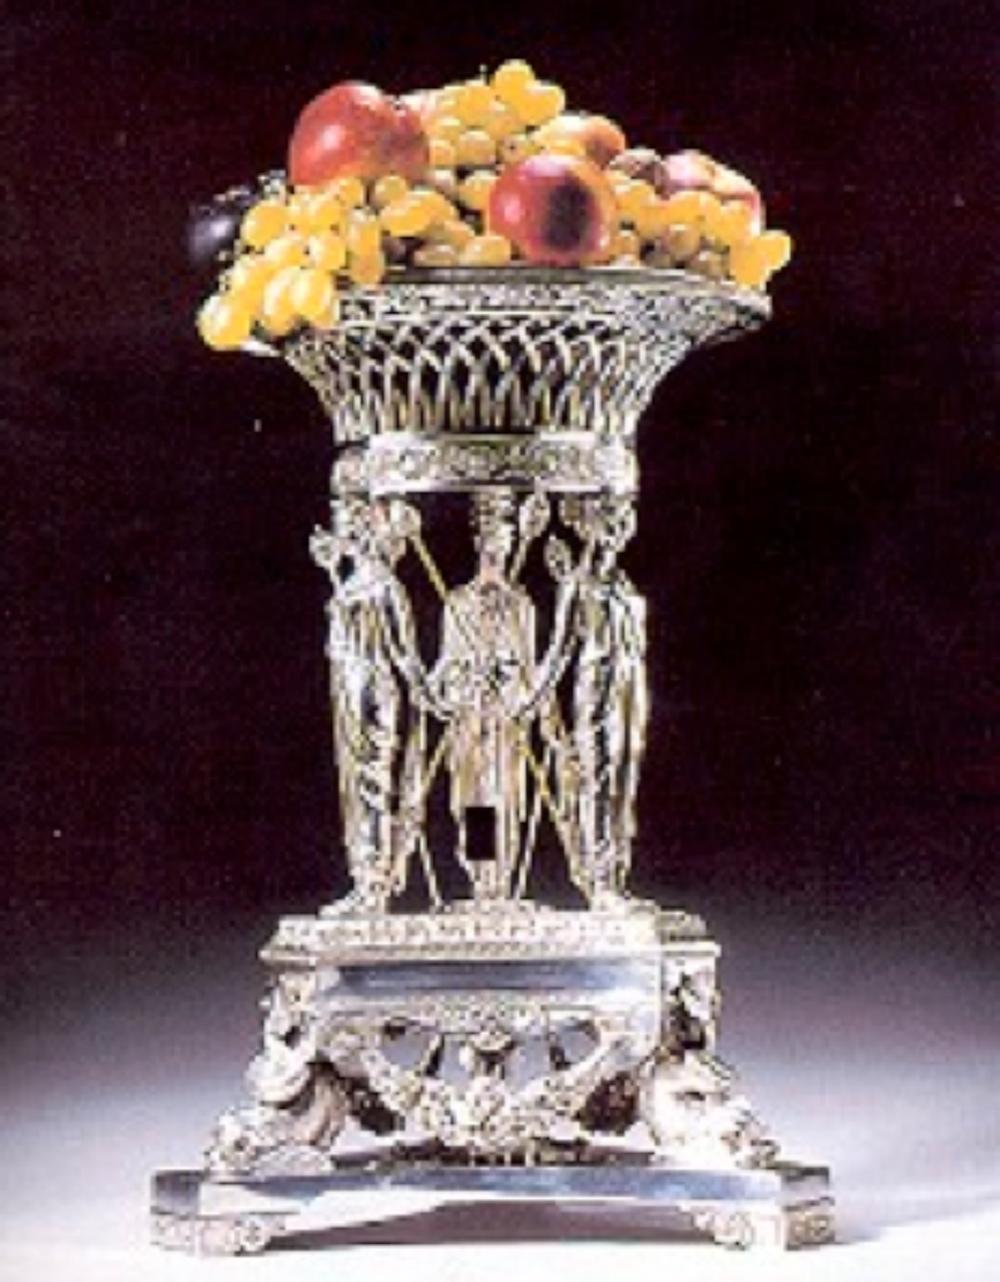 Recency dönemi gümüş centerpiece, Paul Storr yapımcı damgalı, Lontra, 1815, 45 cm yüksekliğinde, 7358 gr ağırlığında.